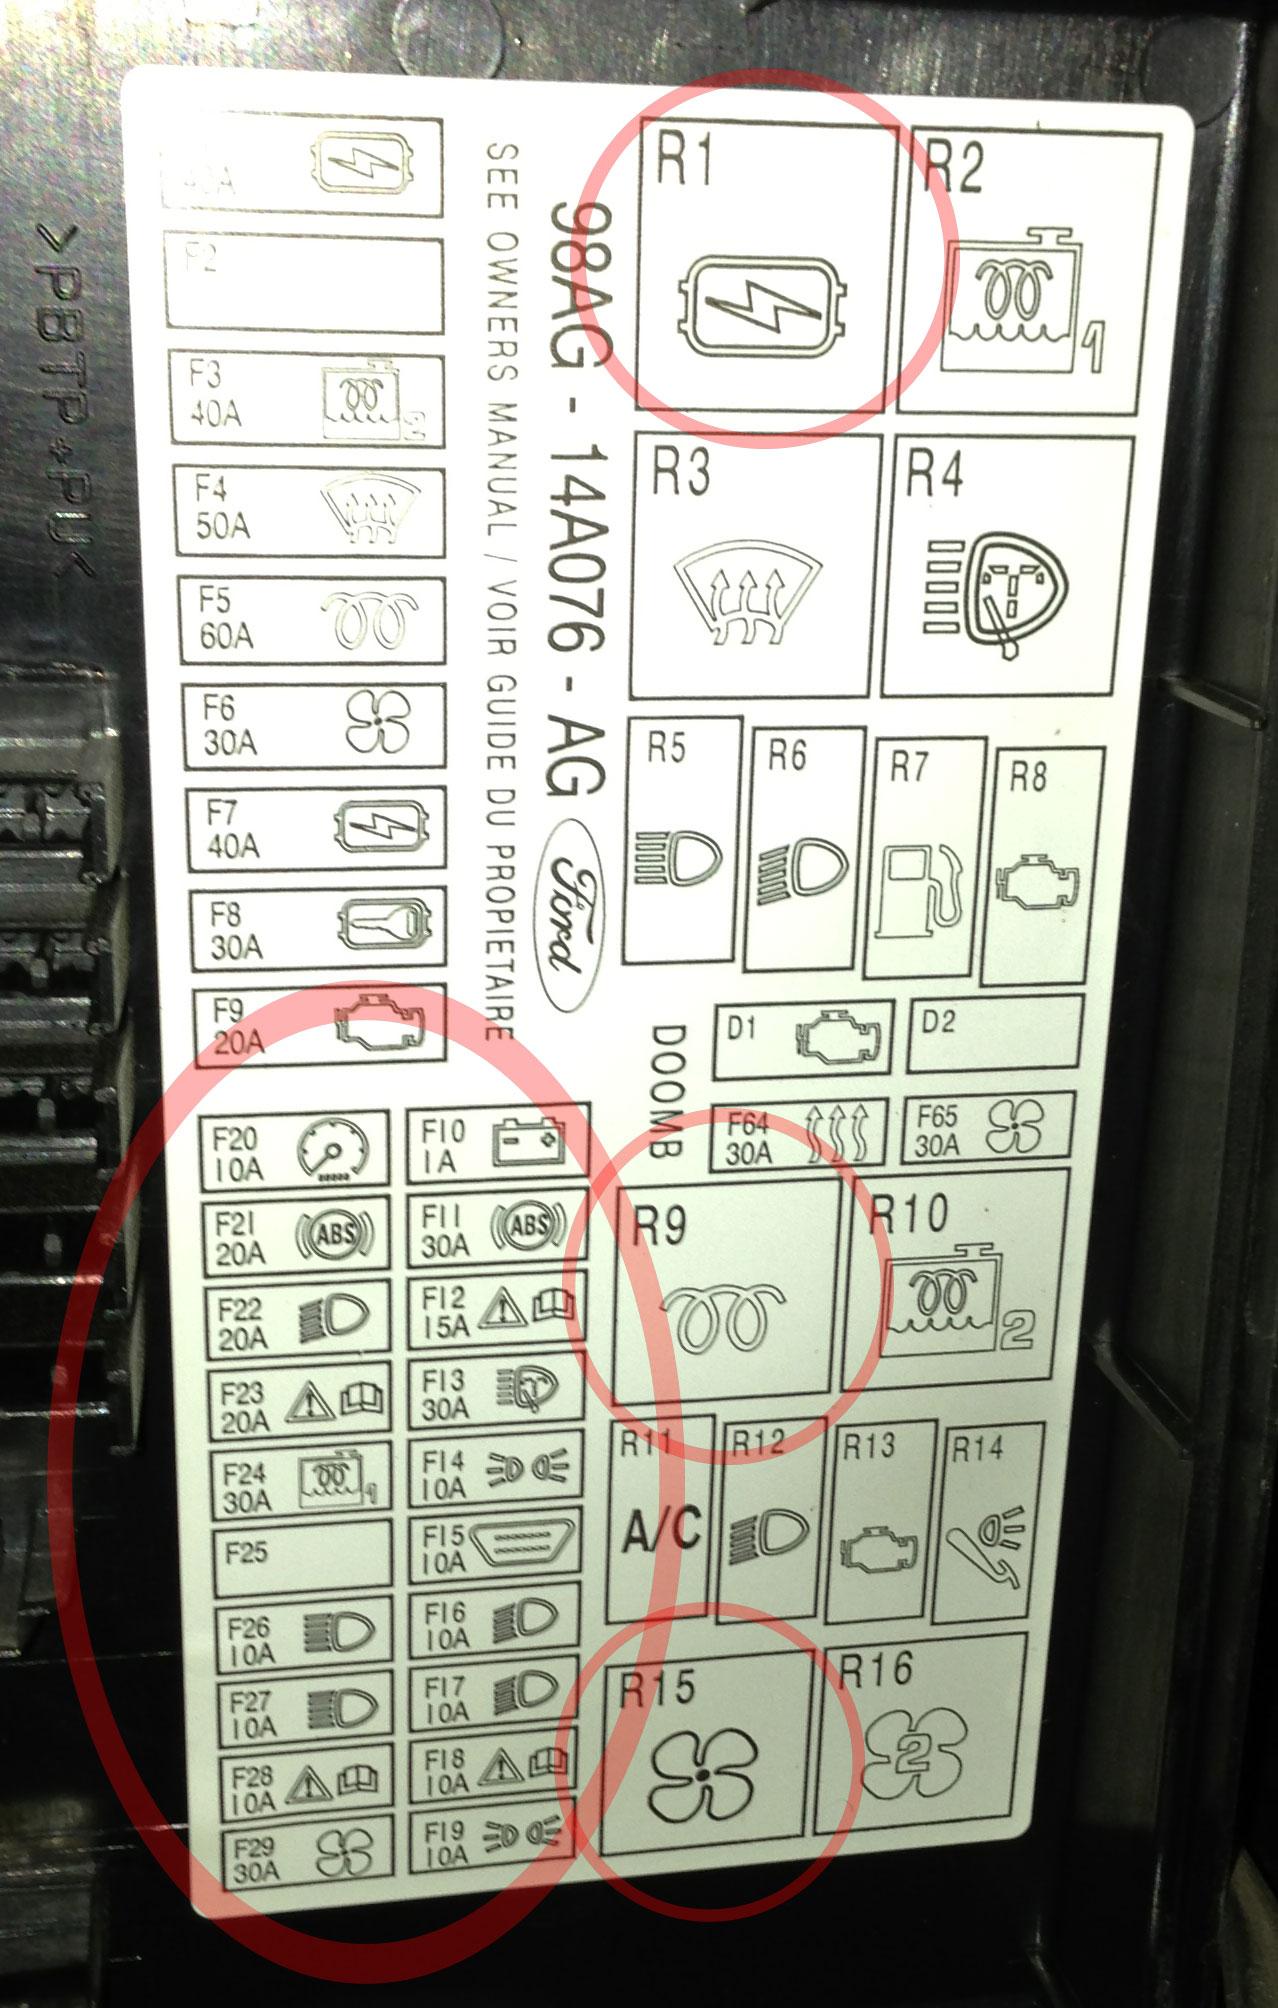 Inteligentny Ford Focus 2001 1.8 TDDI - coś rozładowuje akumulator WC65